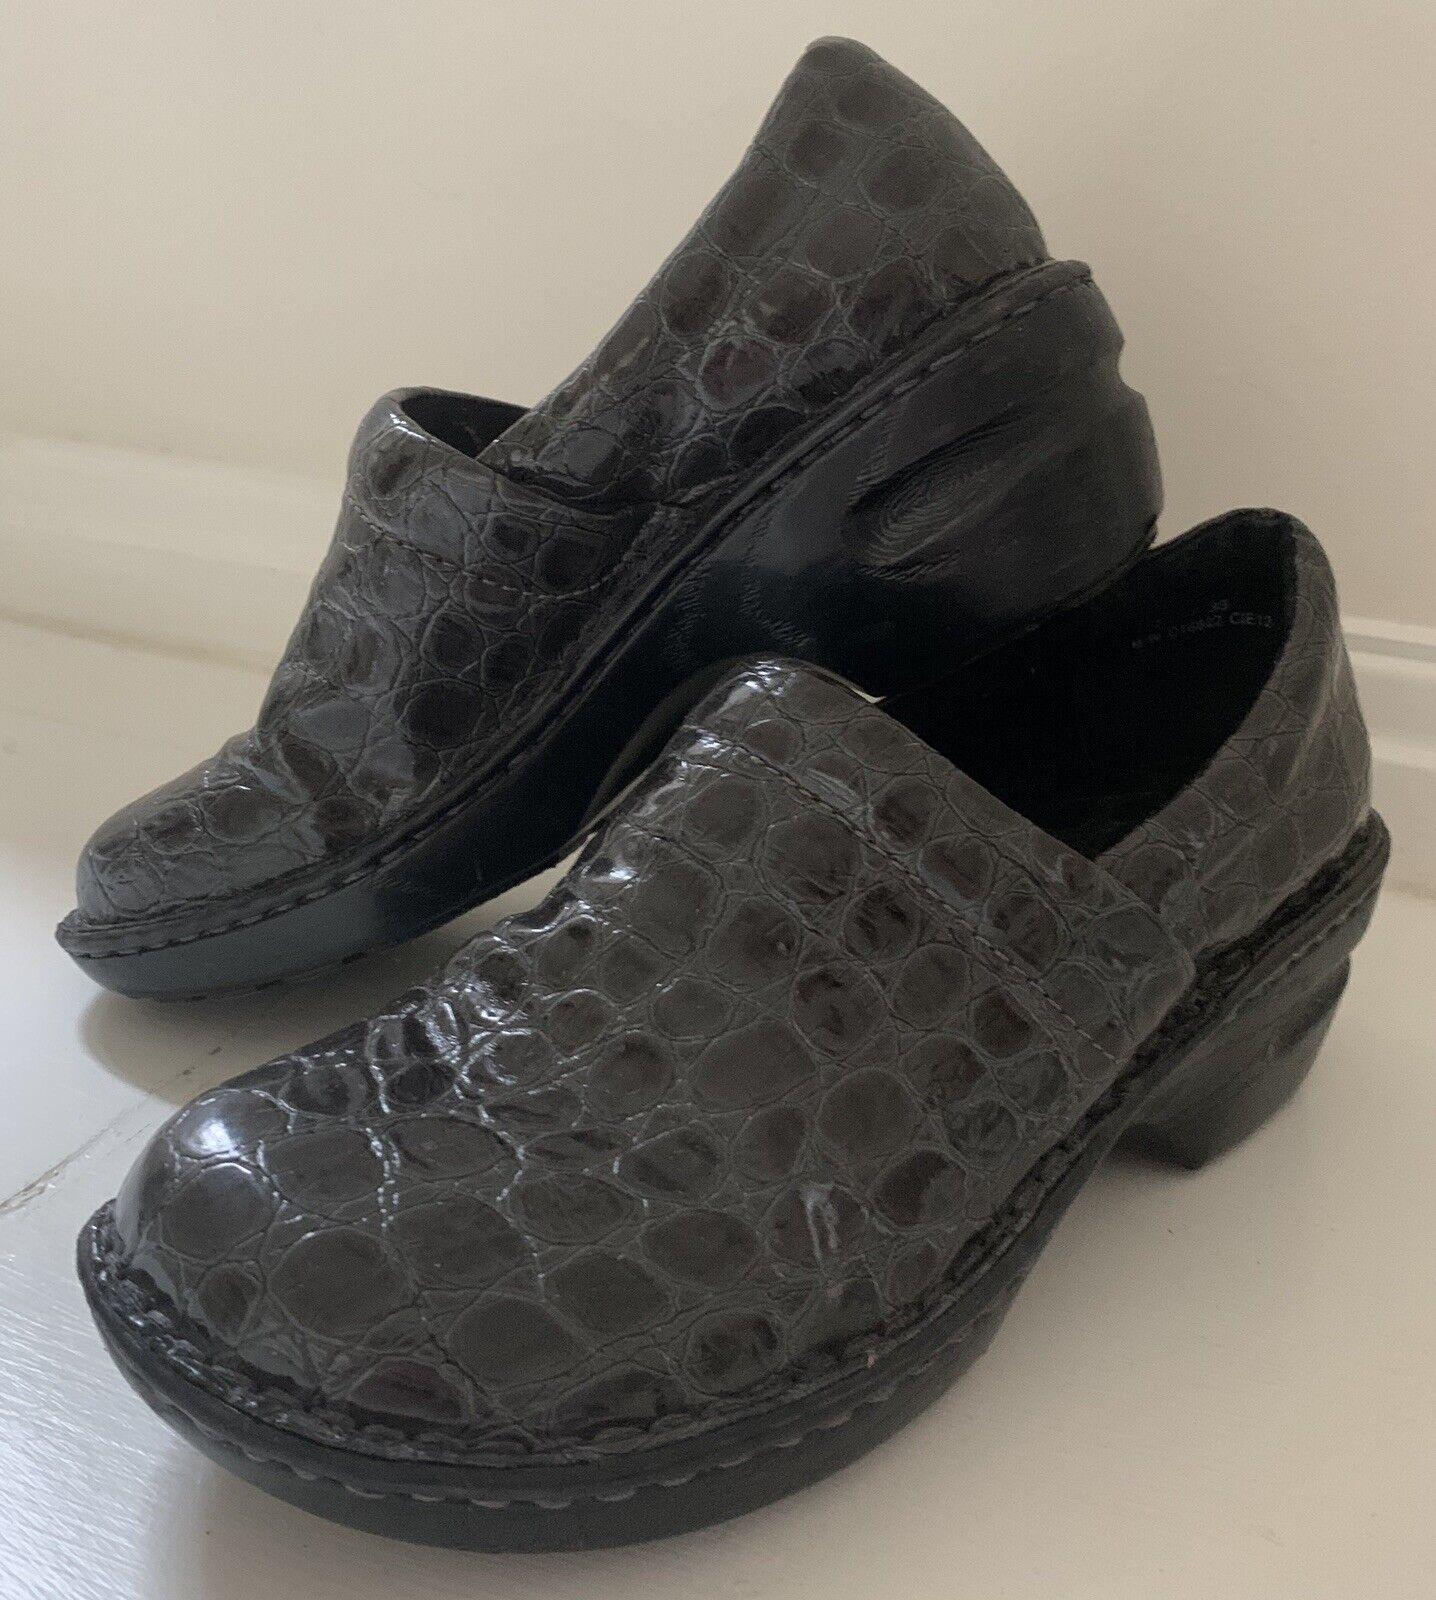 BOC BORN CONCEPT Women Slip-On Clogs Mules Shoes Sz 7/38 Gray Reptile Patent